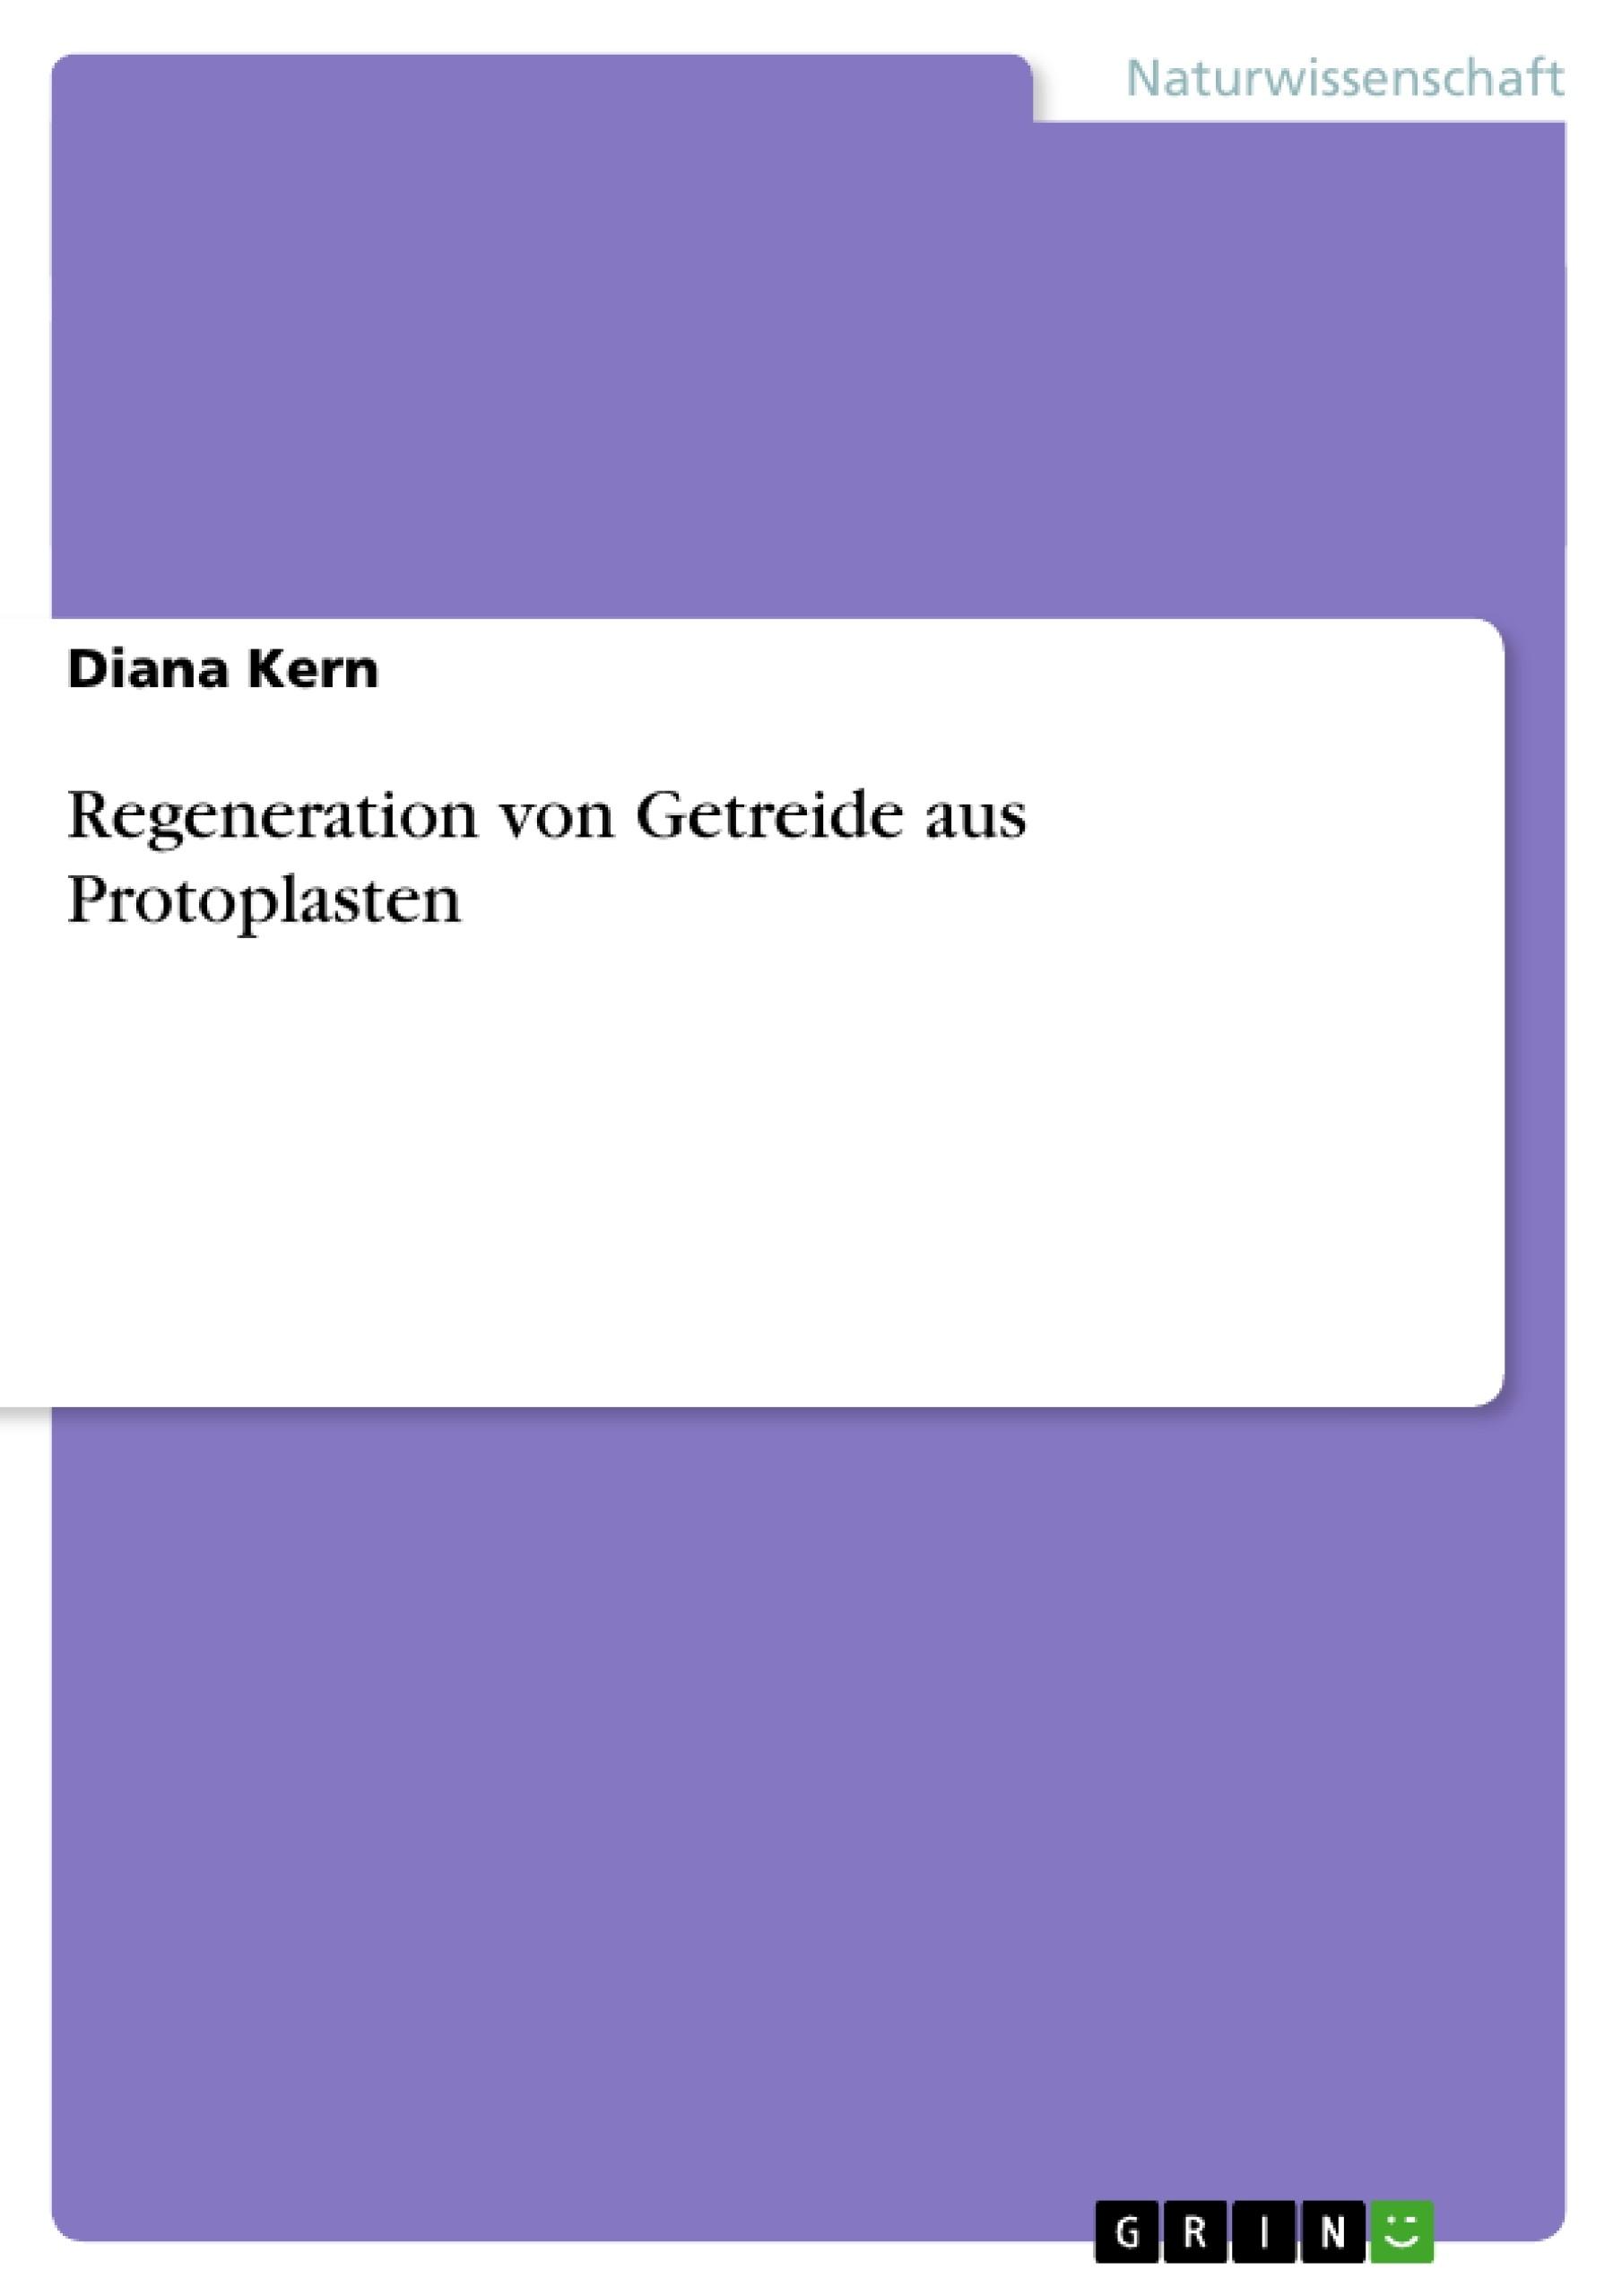 Titel: Regeneration von Getreide aus Protoplasten